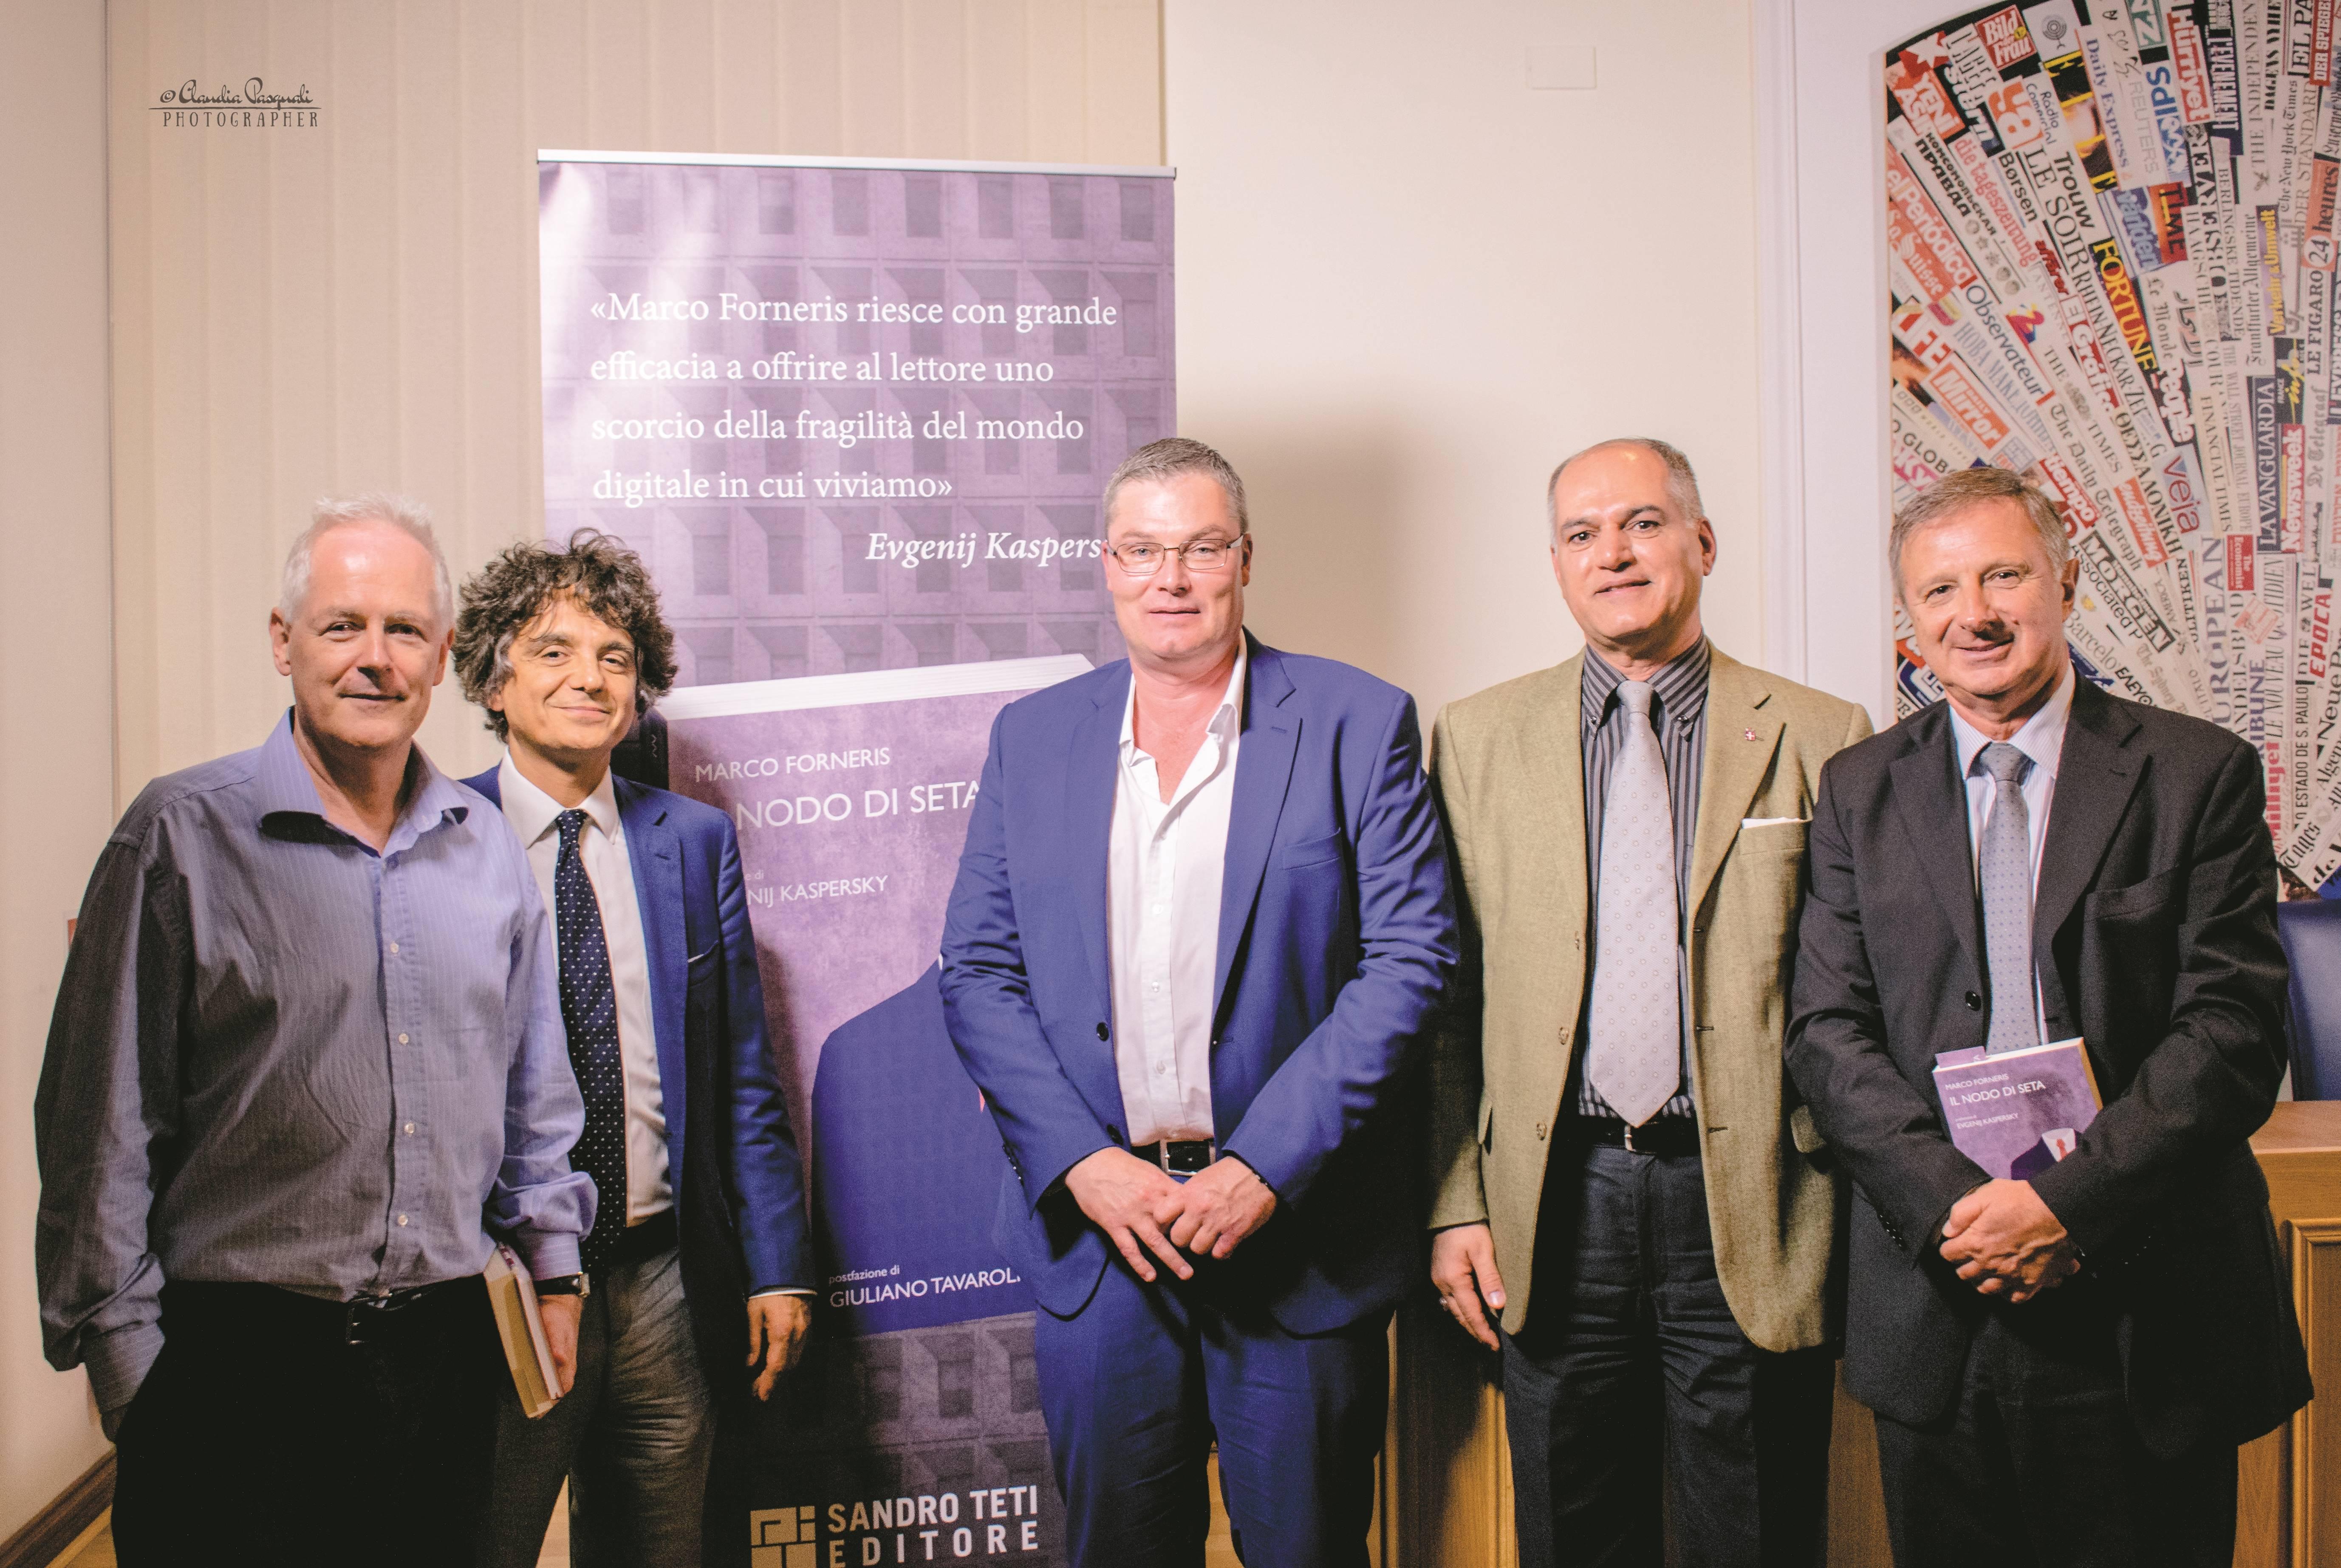 Da sinistra: l'editore Sandro Teti;  Morten Lehn; l'autore Marco Forneris